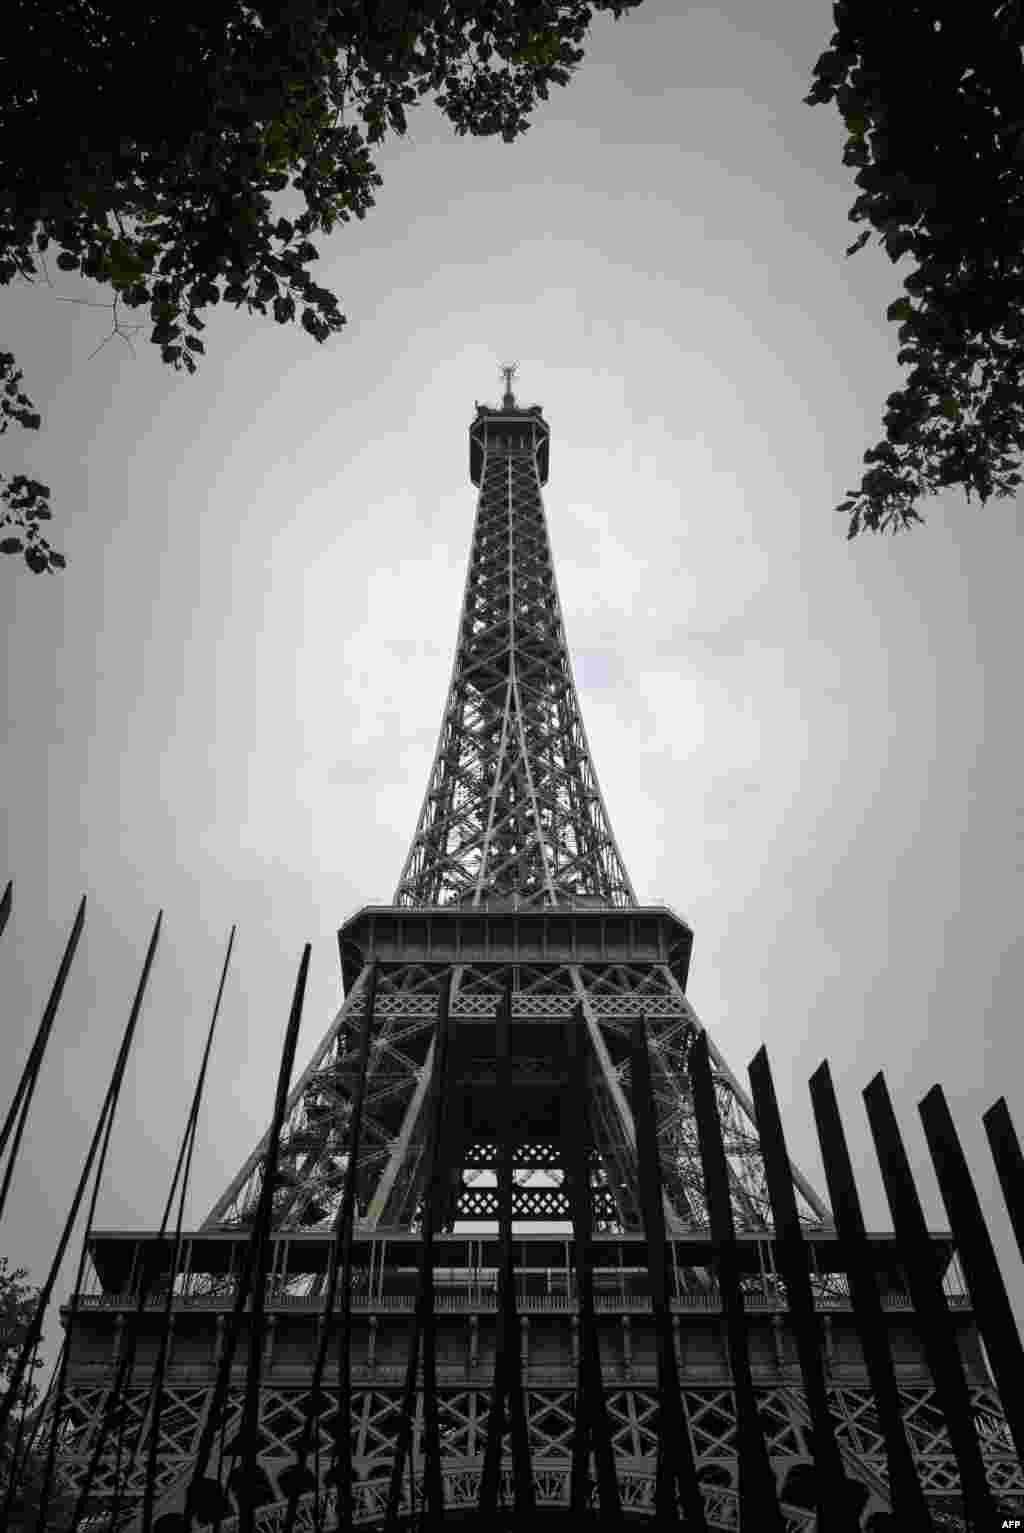 نصب دیوارهای فولادی ضدگلوله در اطراف برج ایفل پاریس به منظور تامین امنیت این بنای یادبود